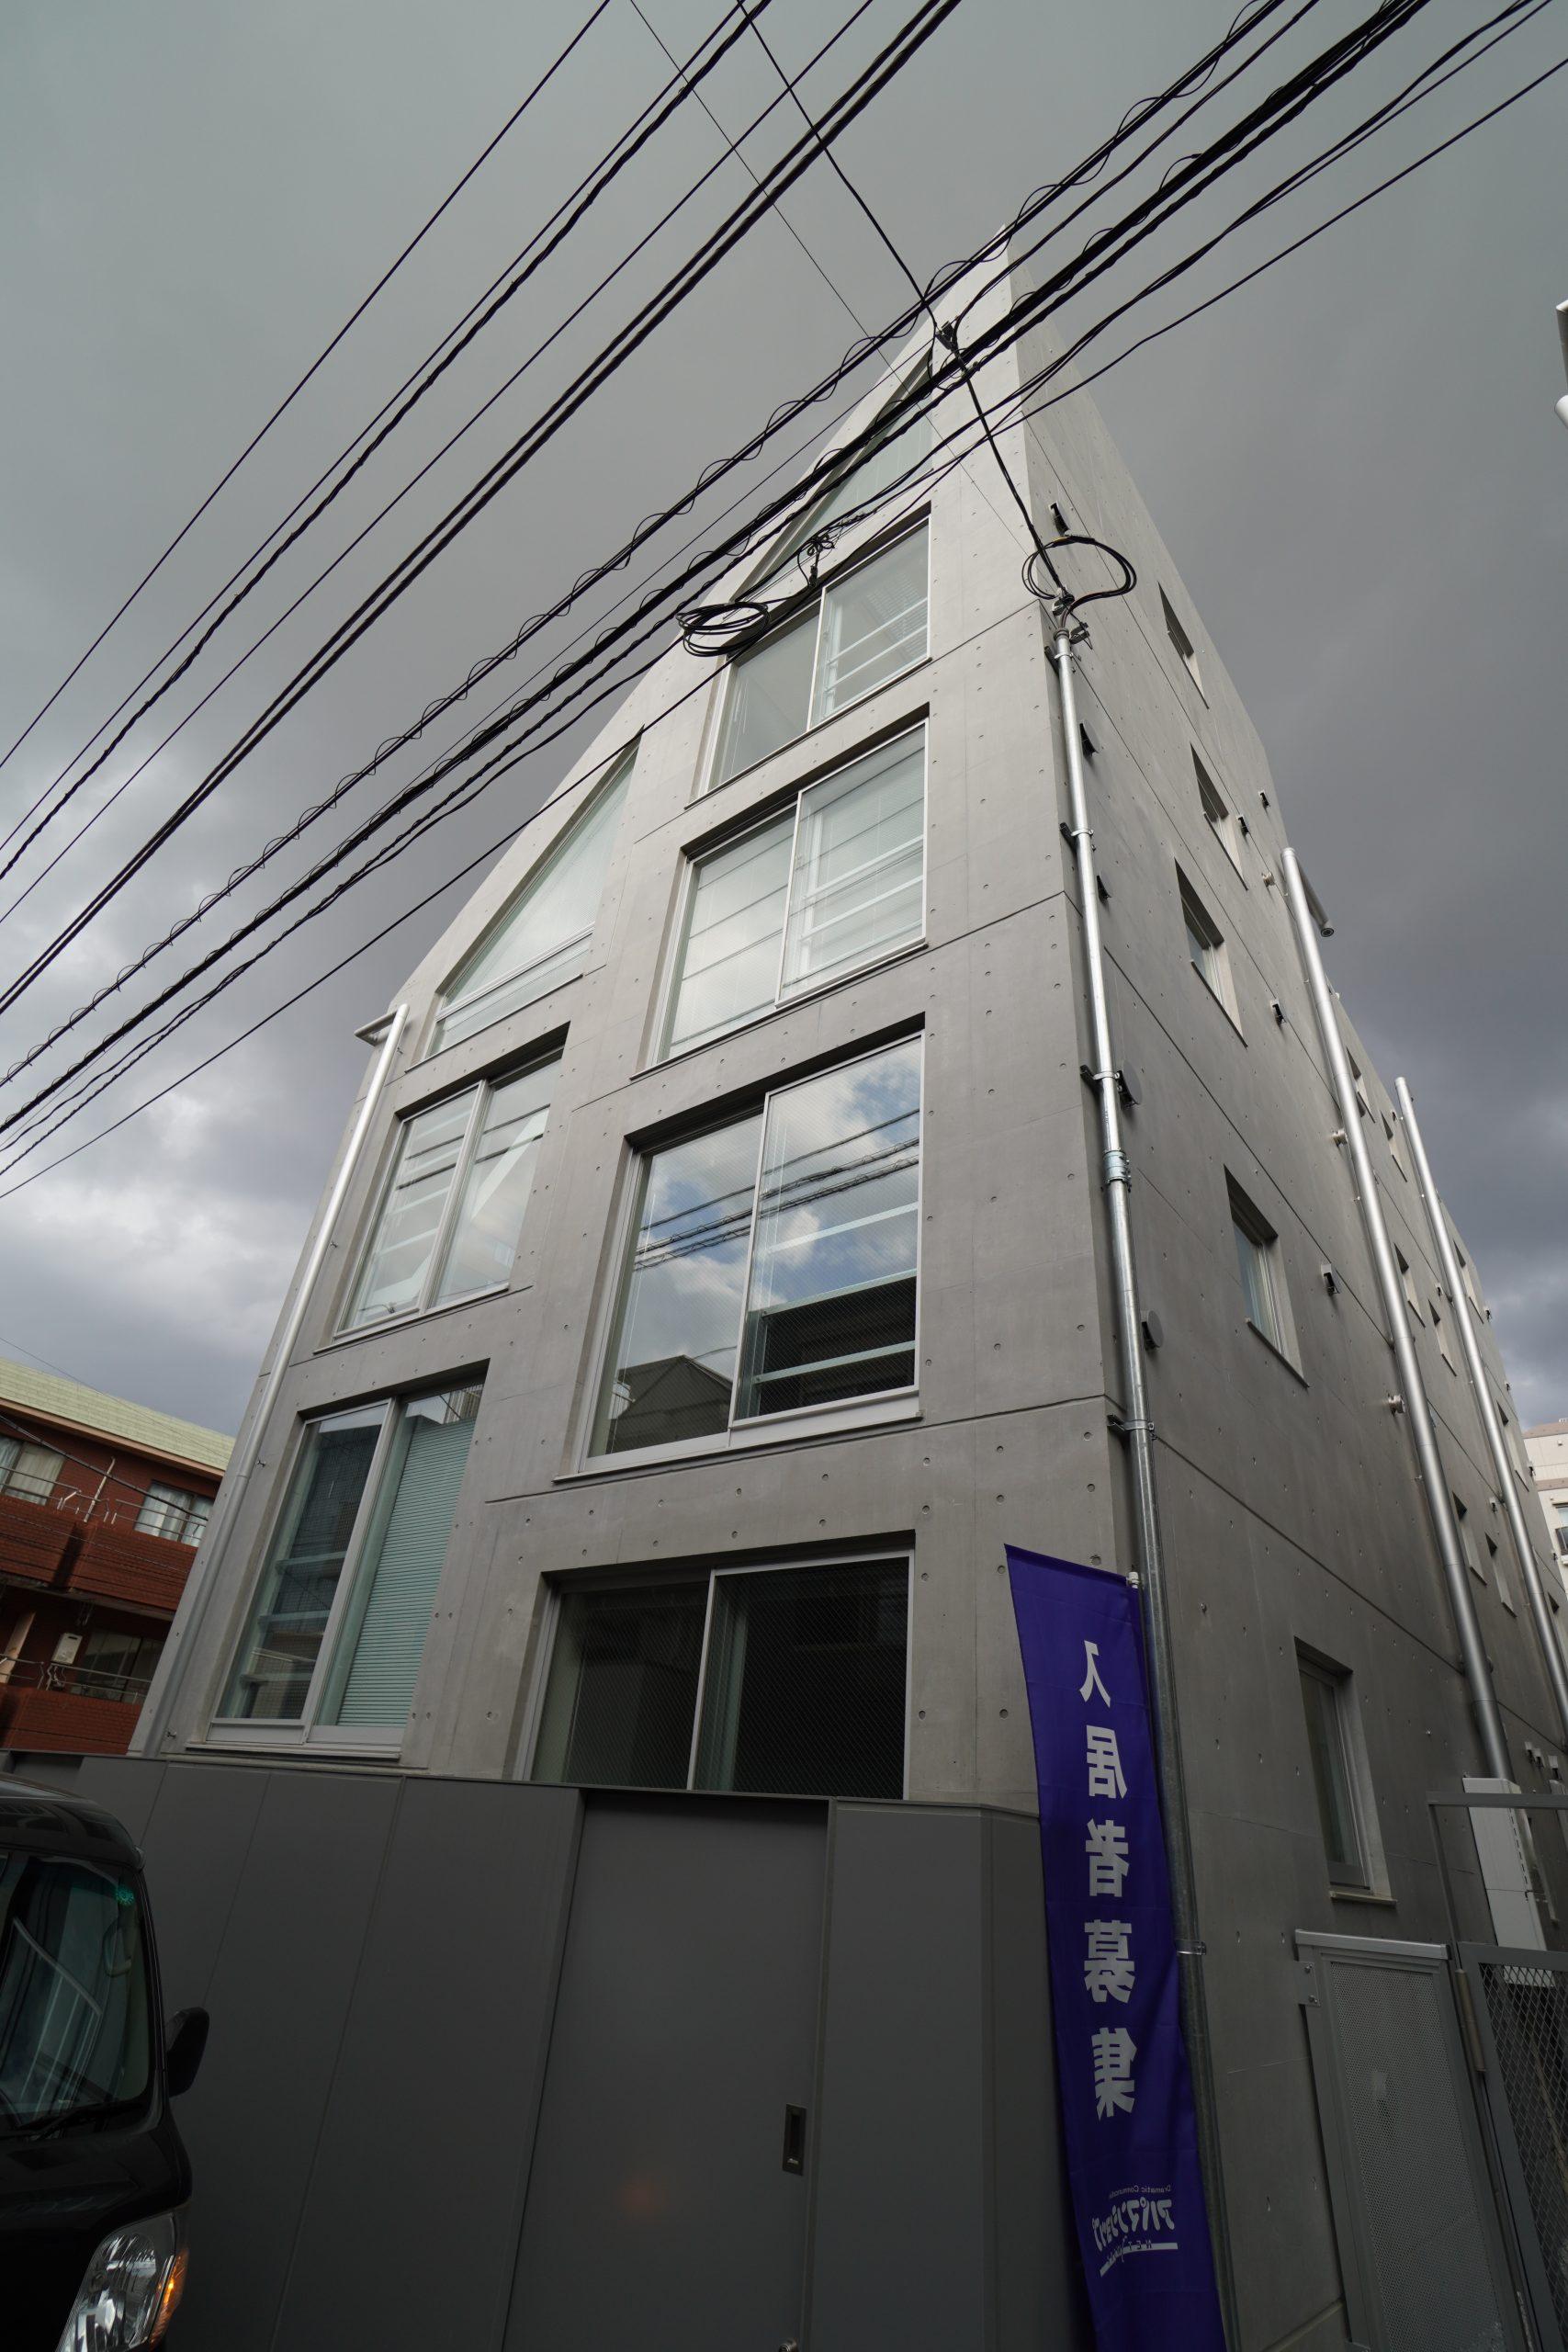 PASEO新宿三丁目Iの写真7